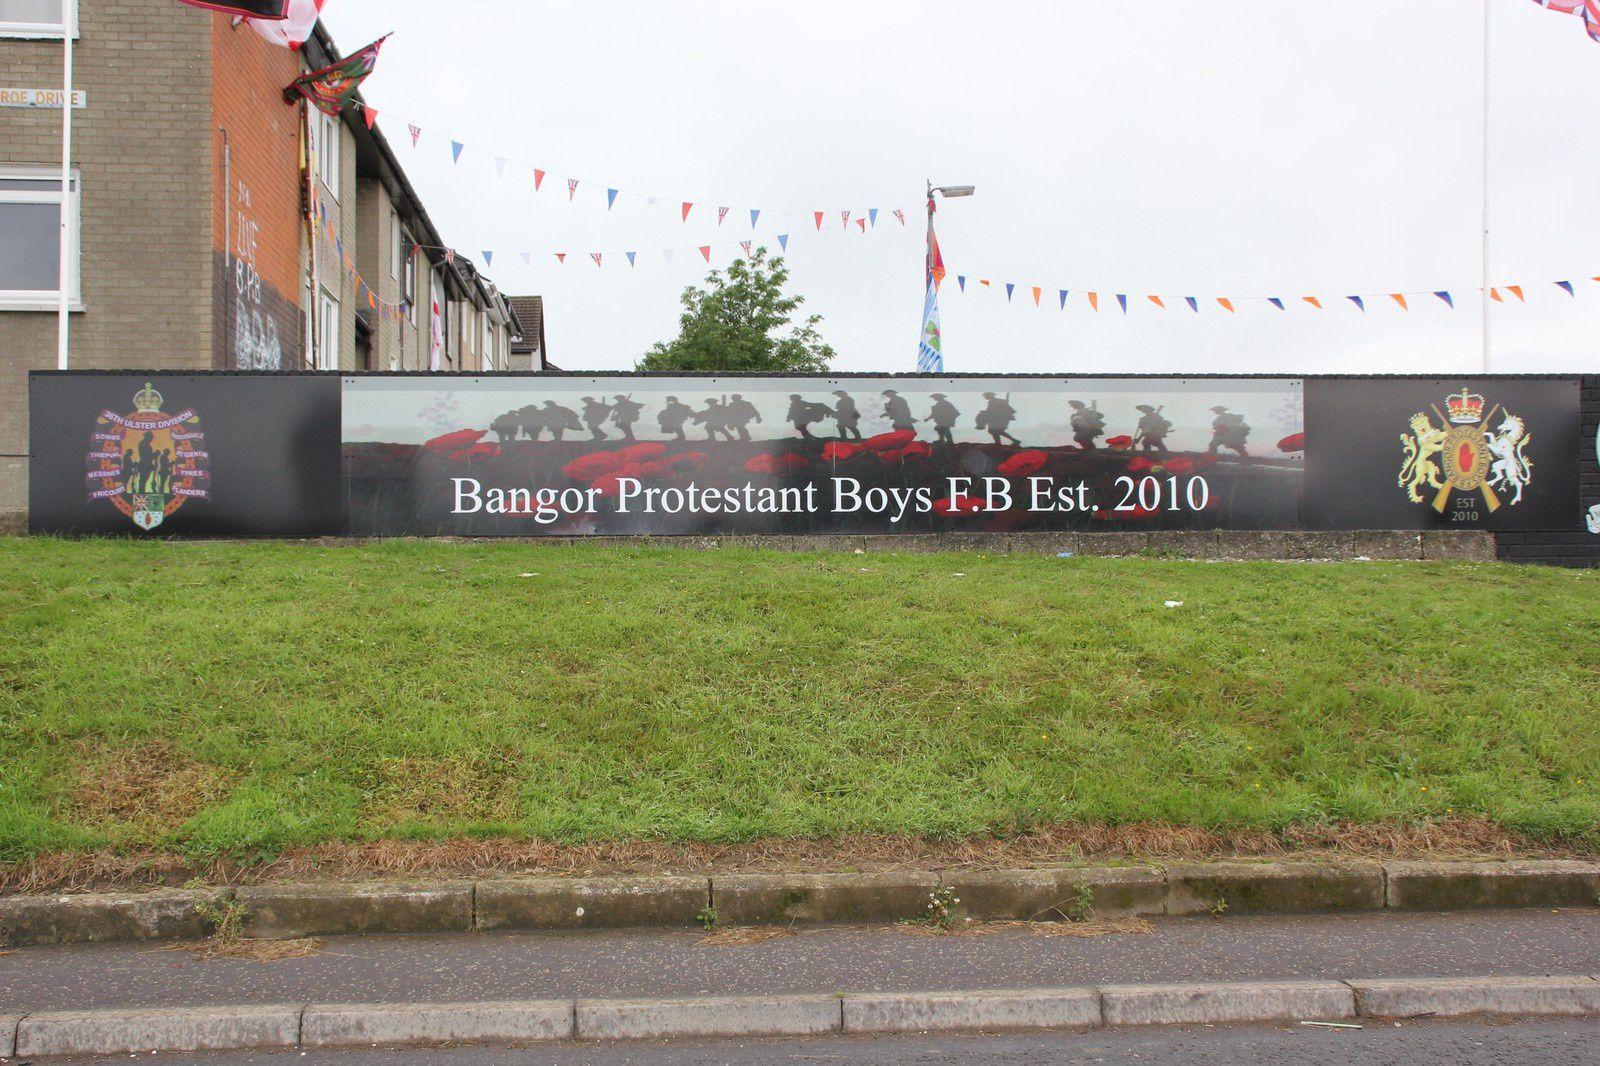 641) Owenroe Drive, Bangor